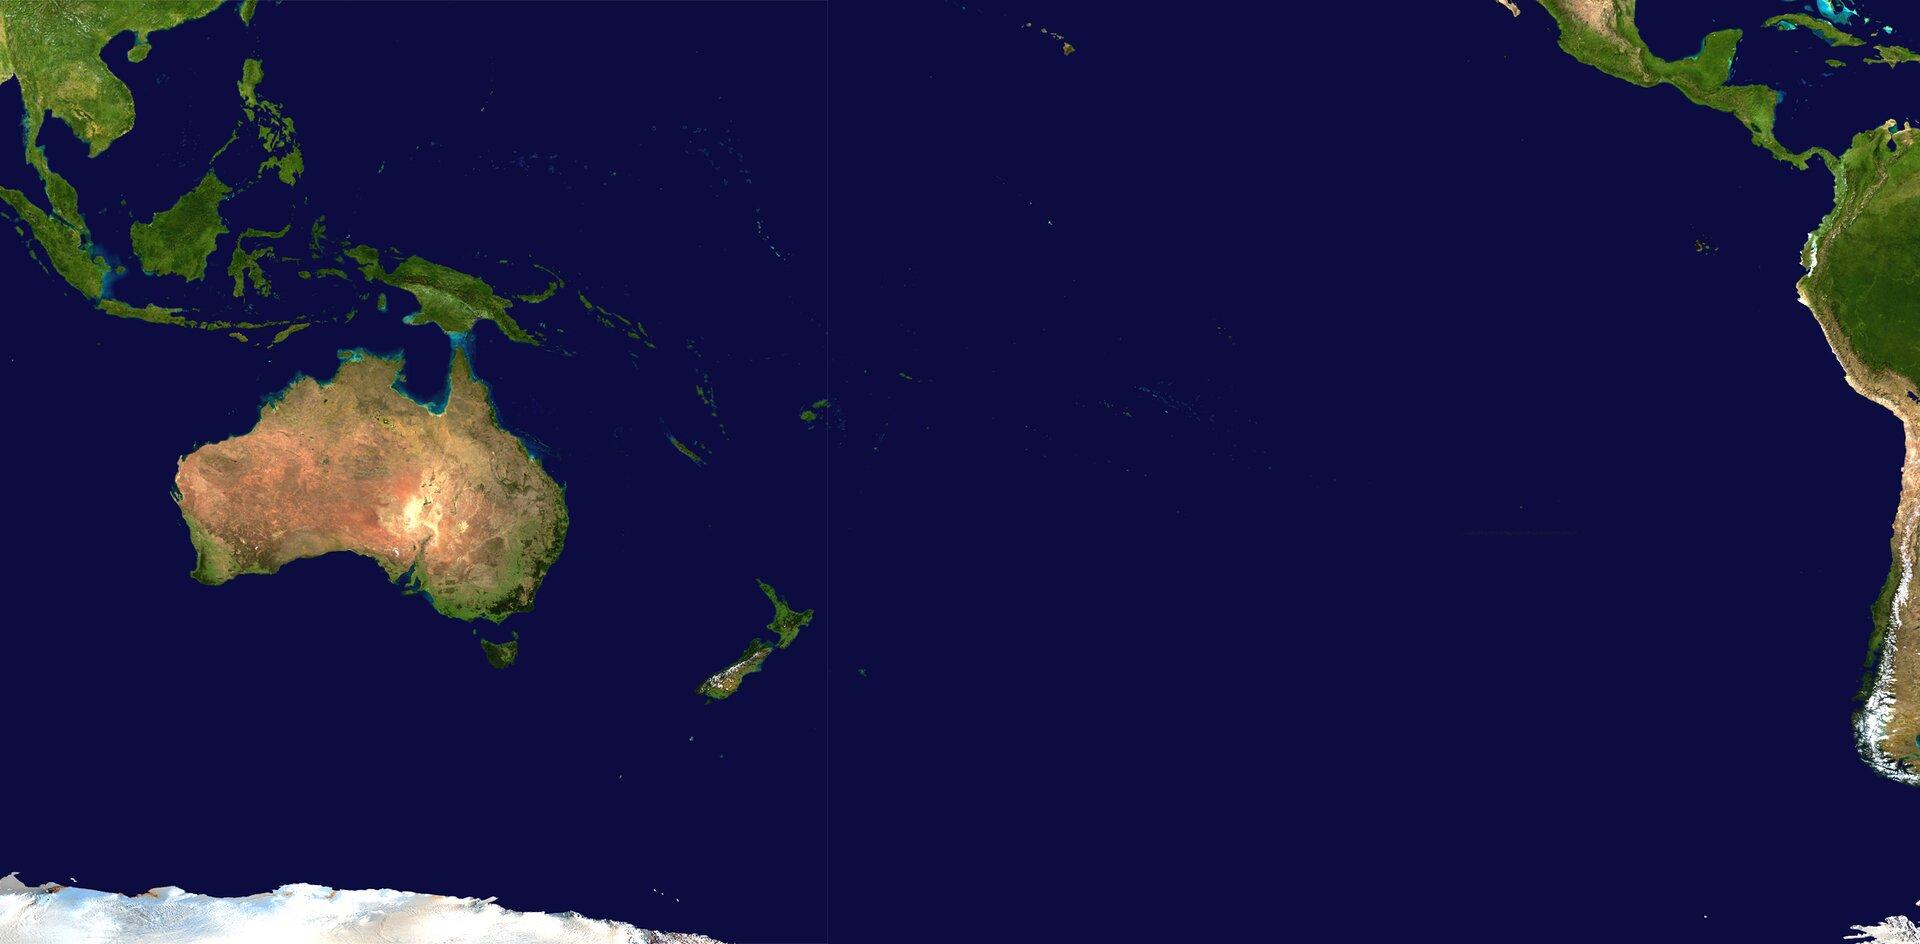 Na zdjęciu satelitarnym kontynent Australii, dużo niebieskiego tła (ocean). Woddali fragment lądu Ameryki Środkowej iPołudniowej.